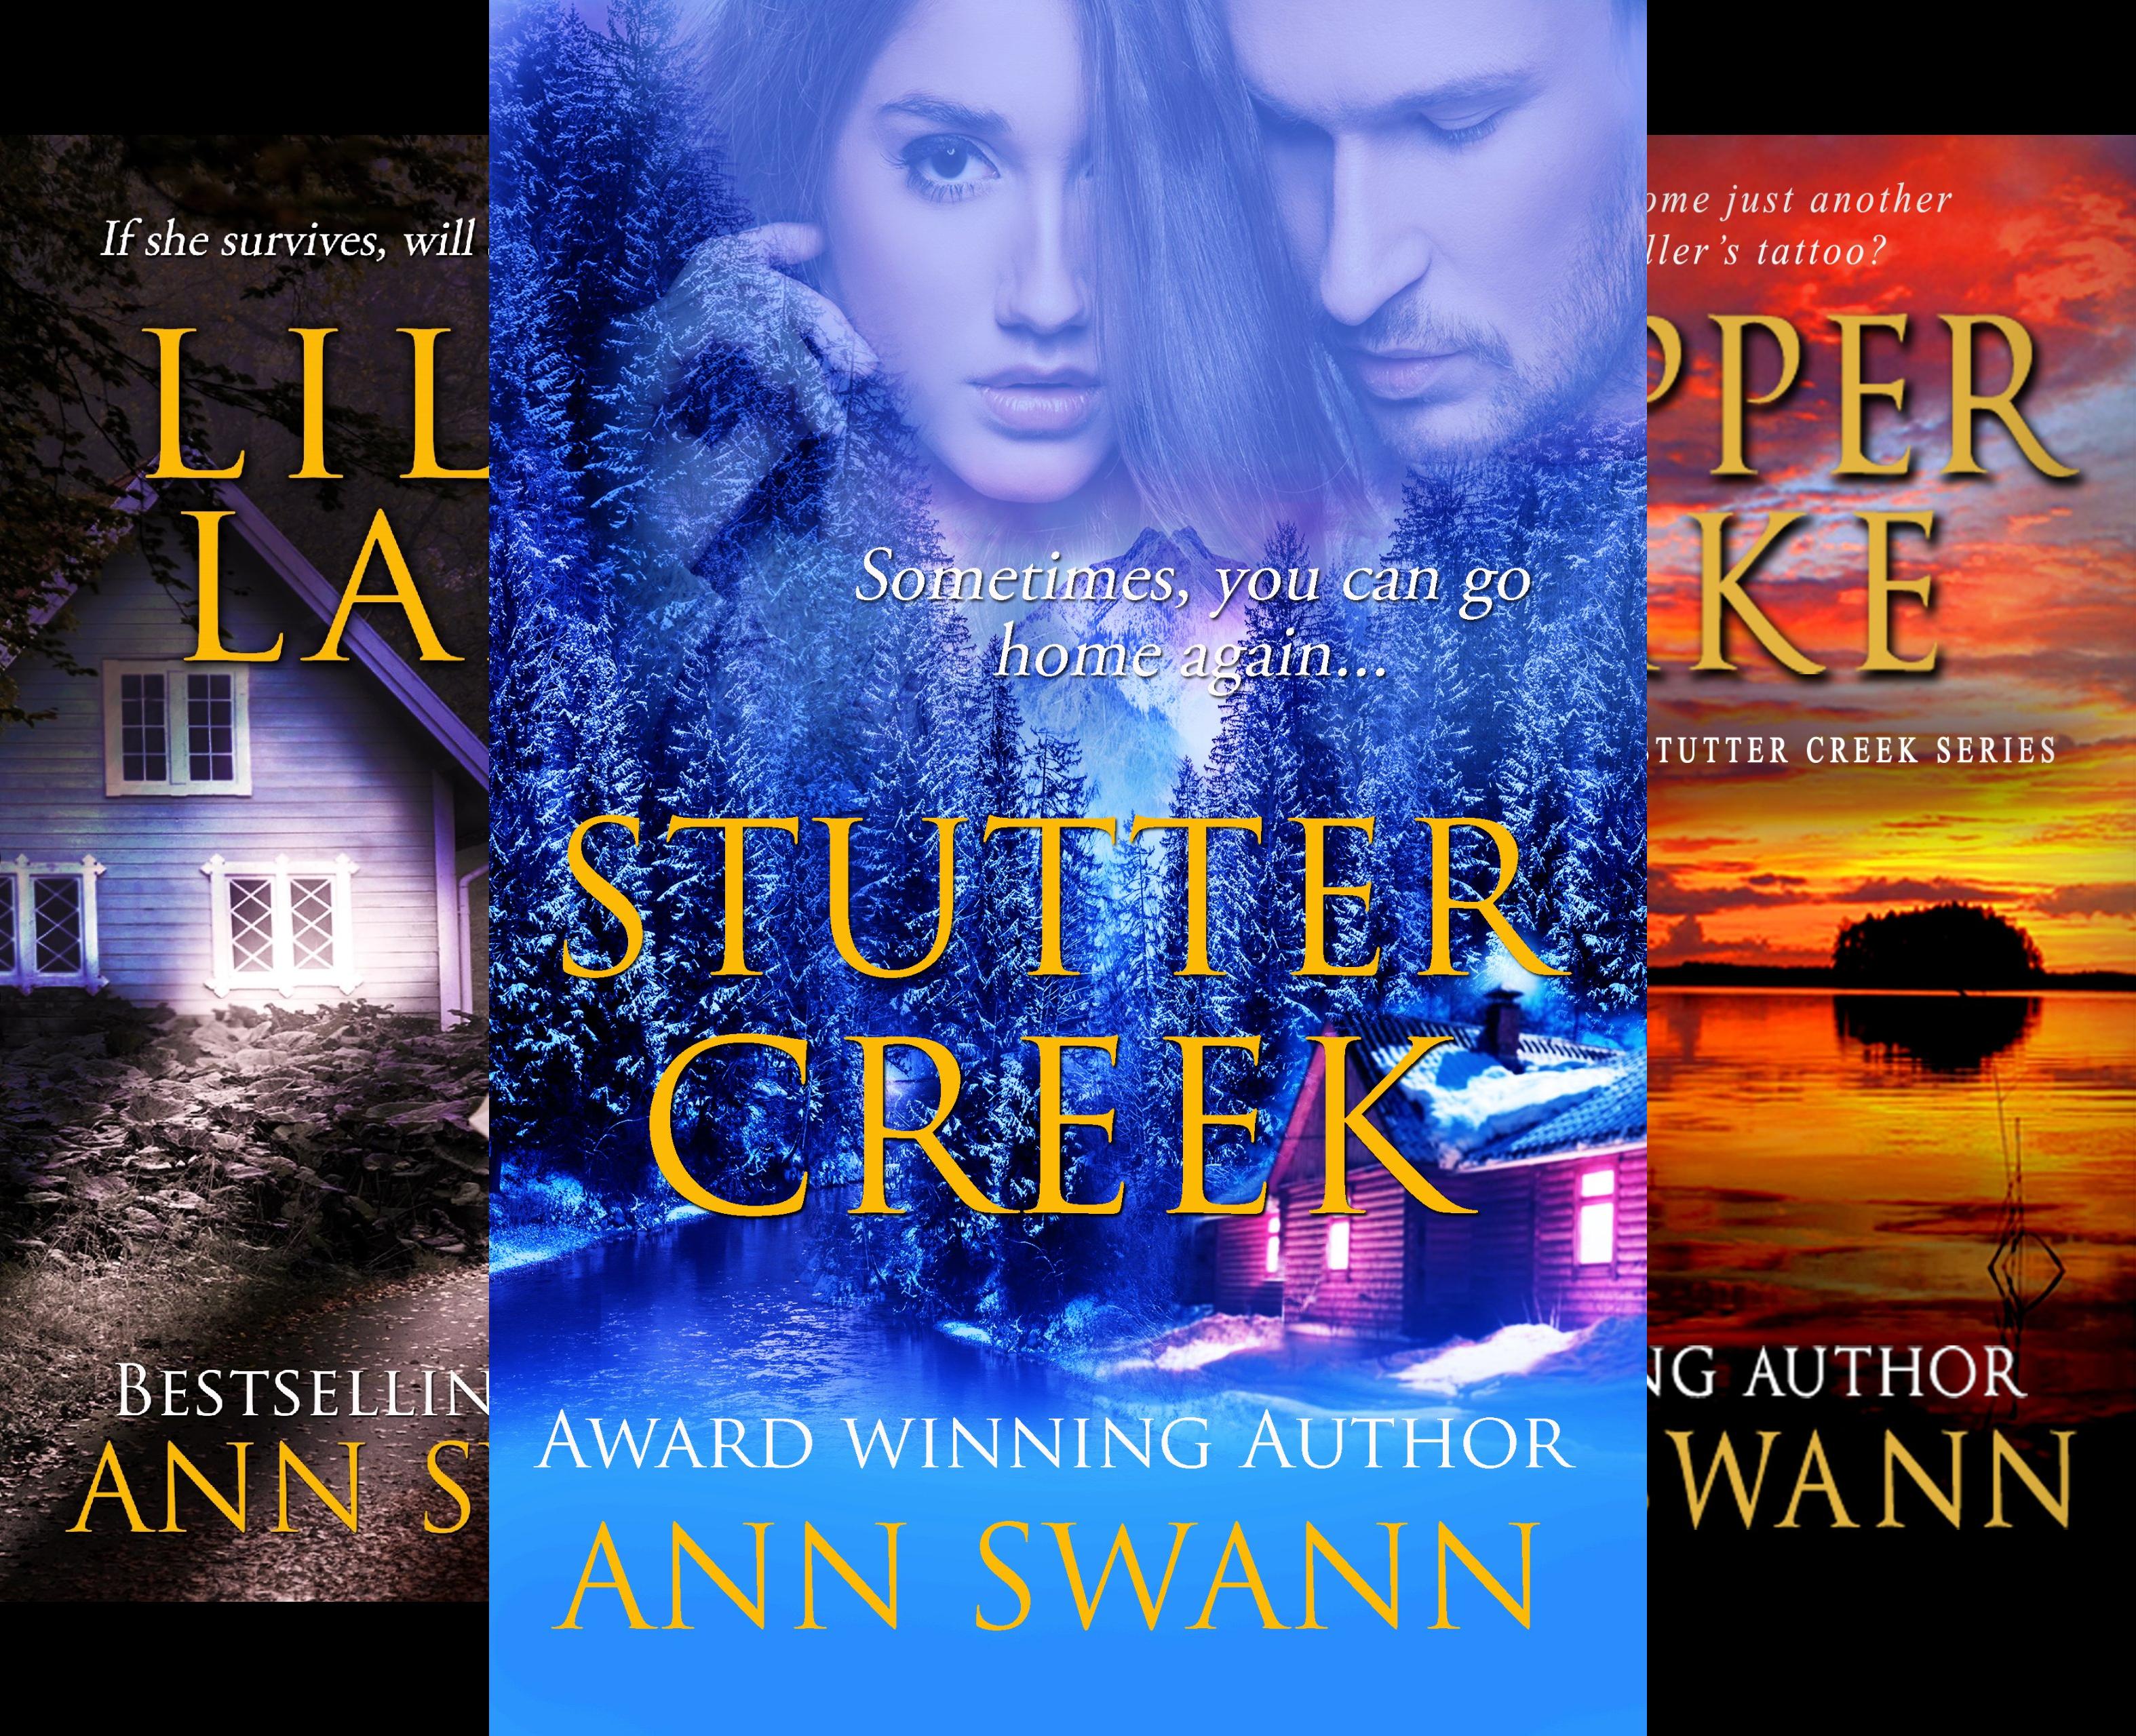 stutter-creek-3-book-series